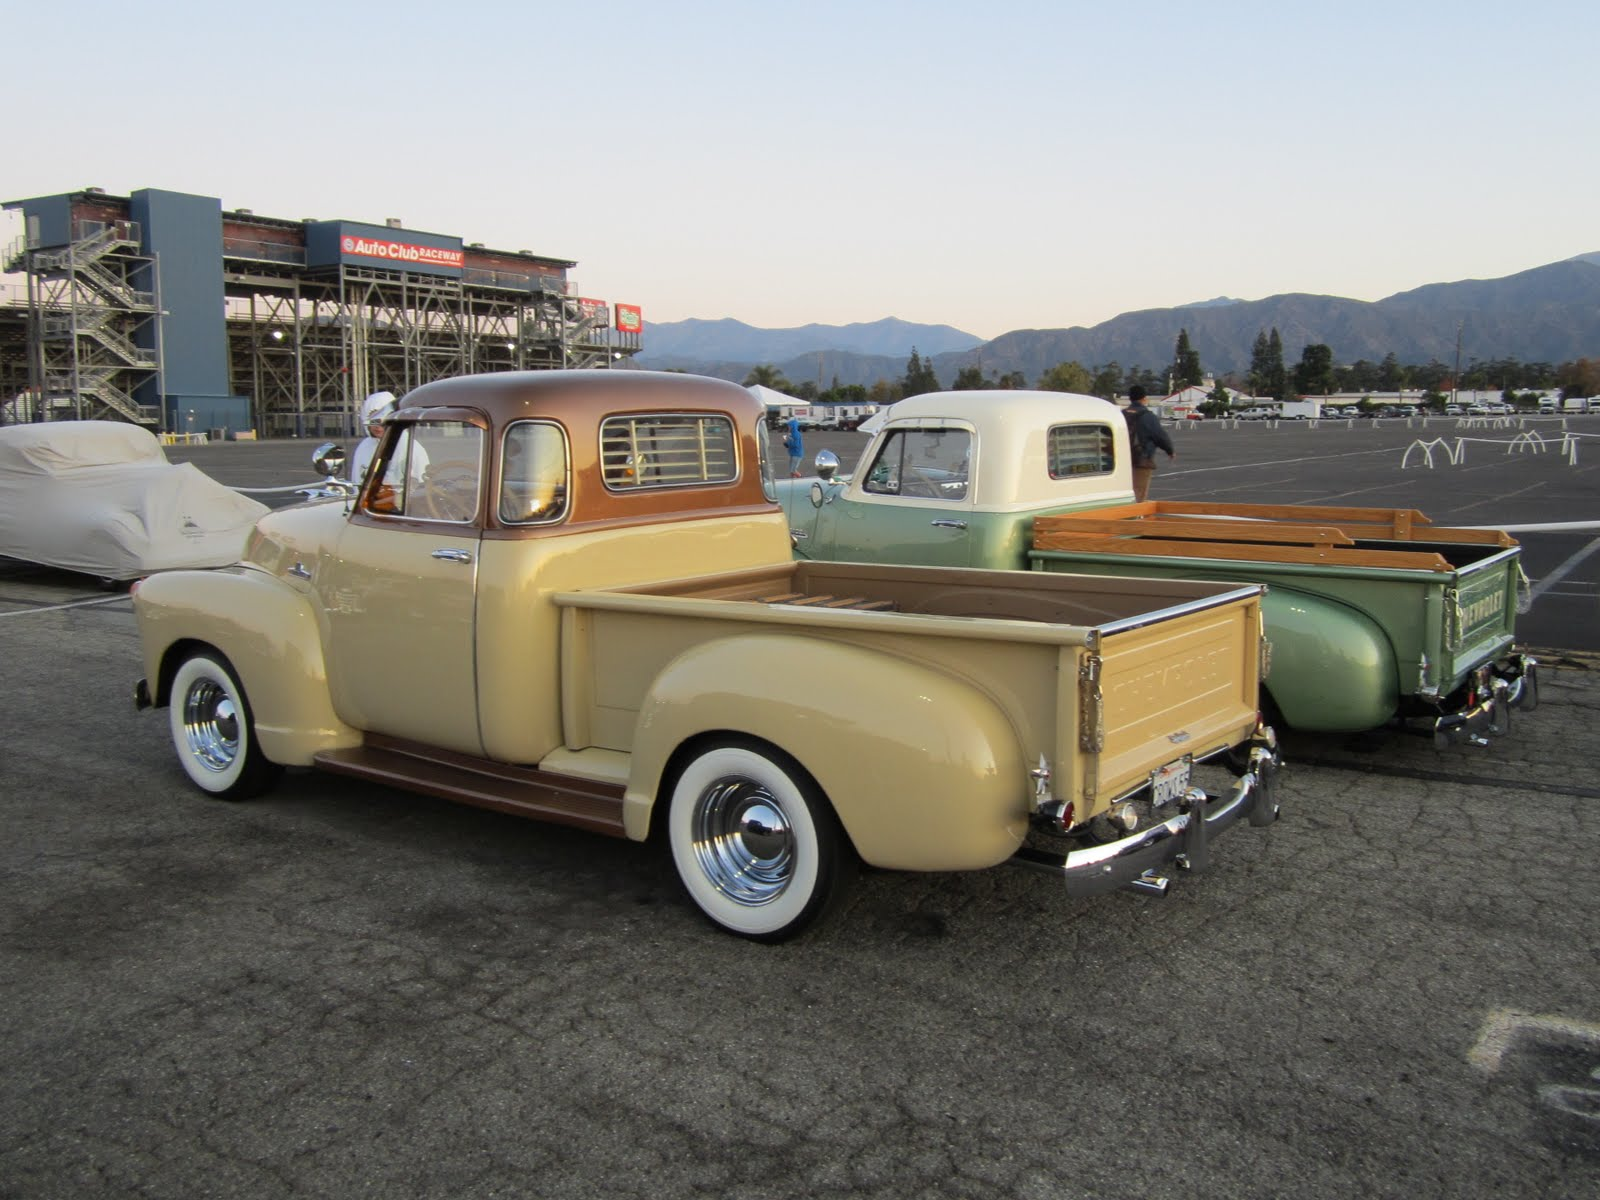 North Carolina Events Car Auctions Swap Meets